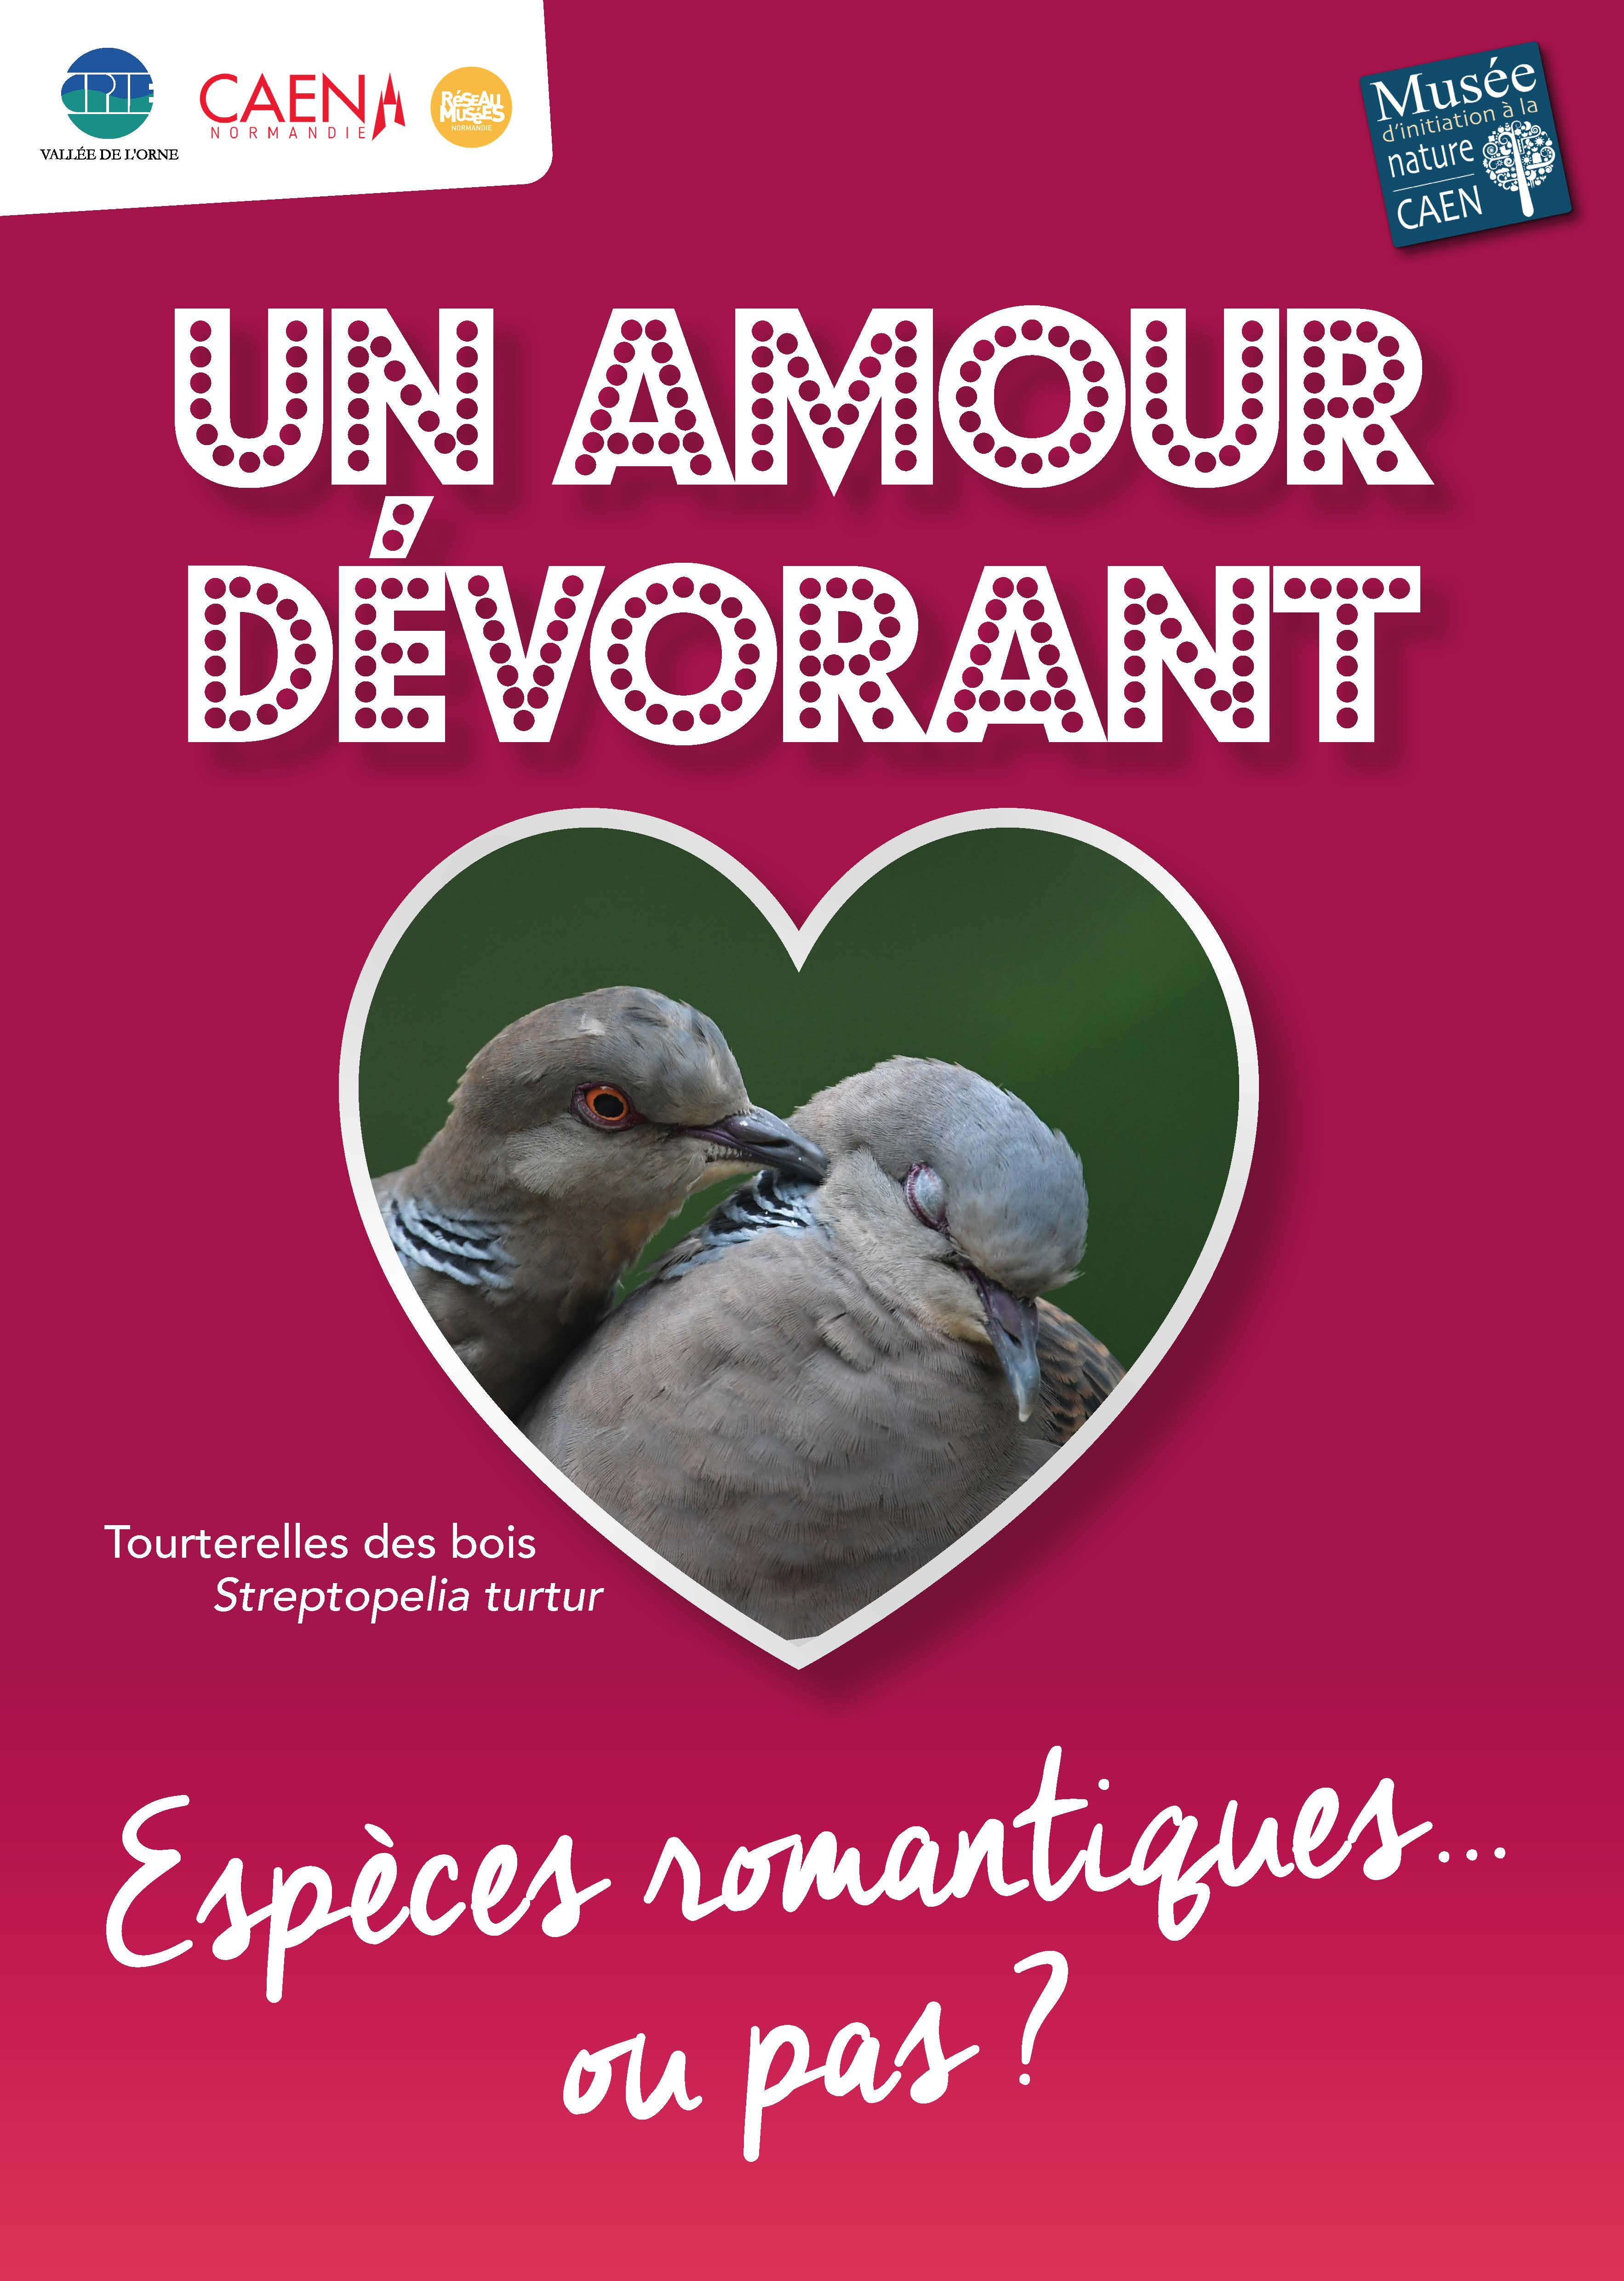 Un amour dévorant